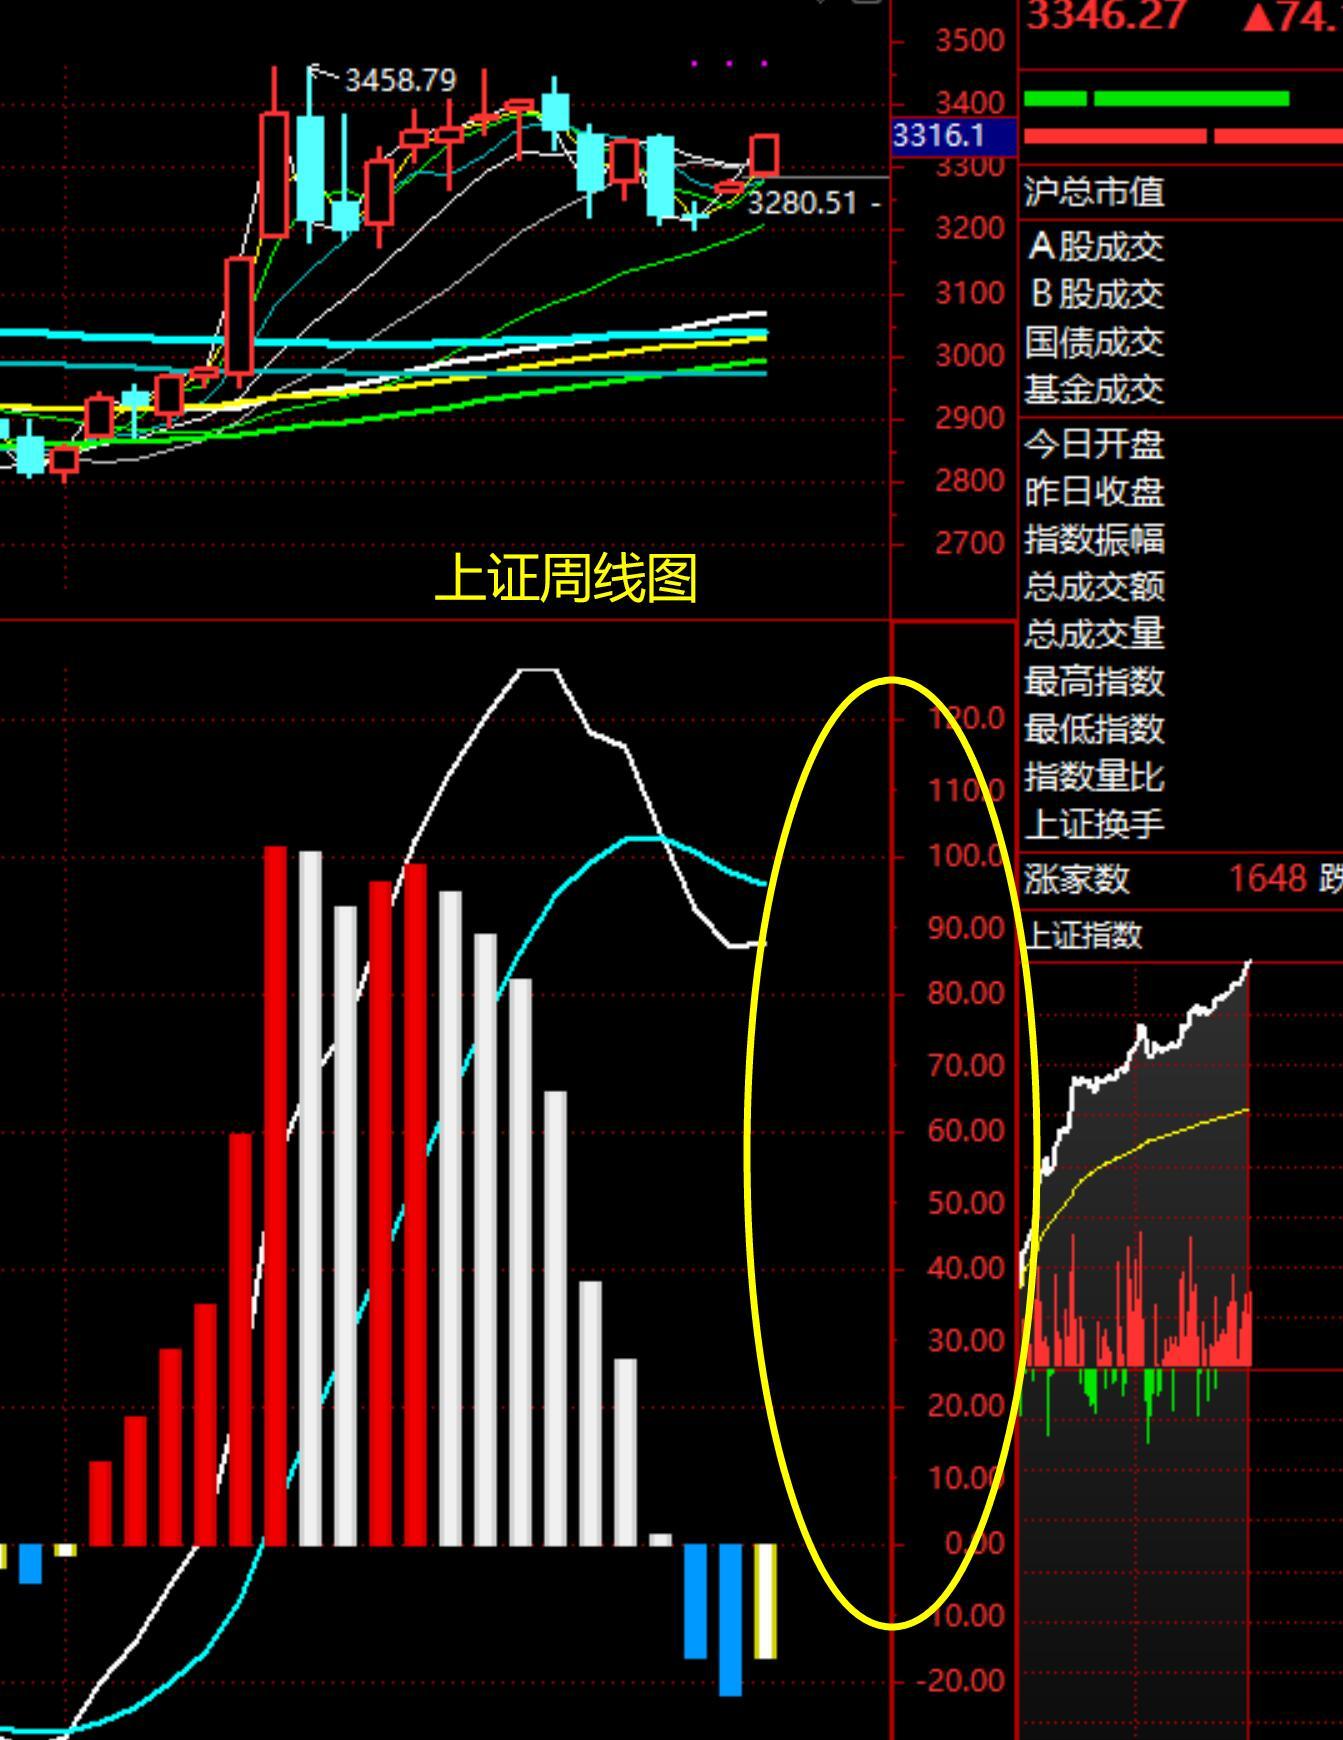 周一股市午评:A股放量大涨,下午难以下跌,明天还会上涨?